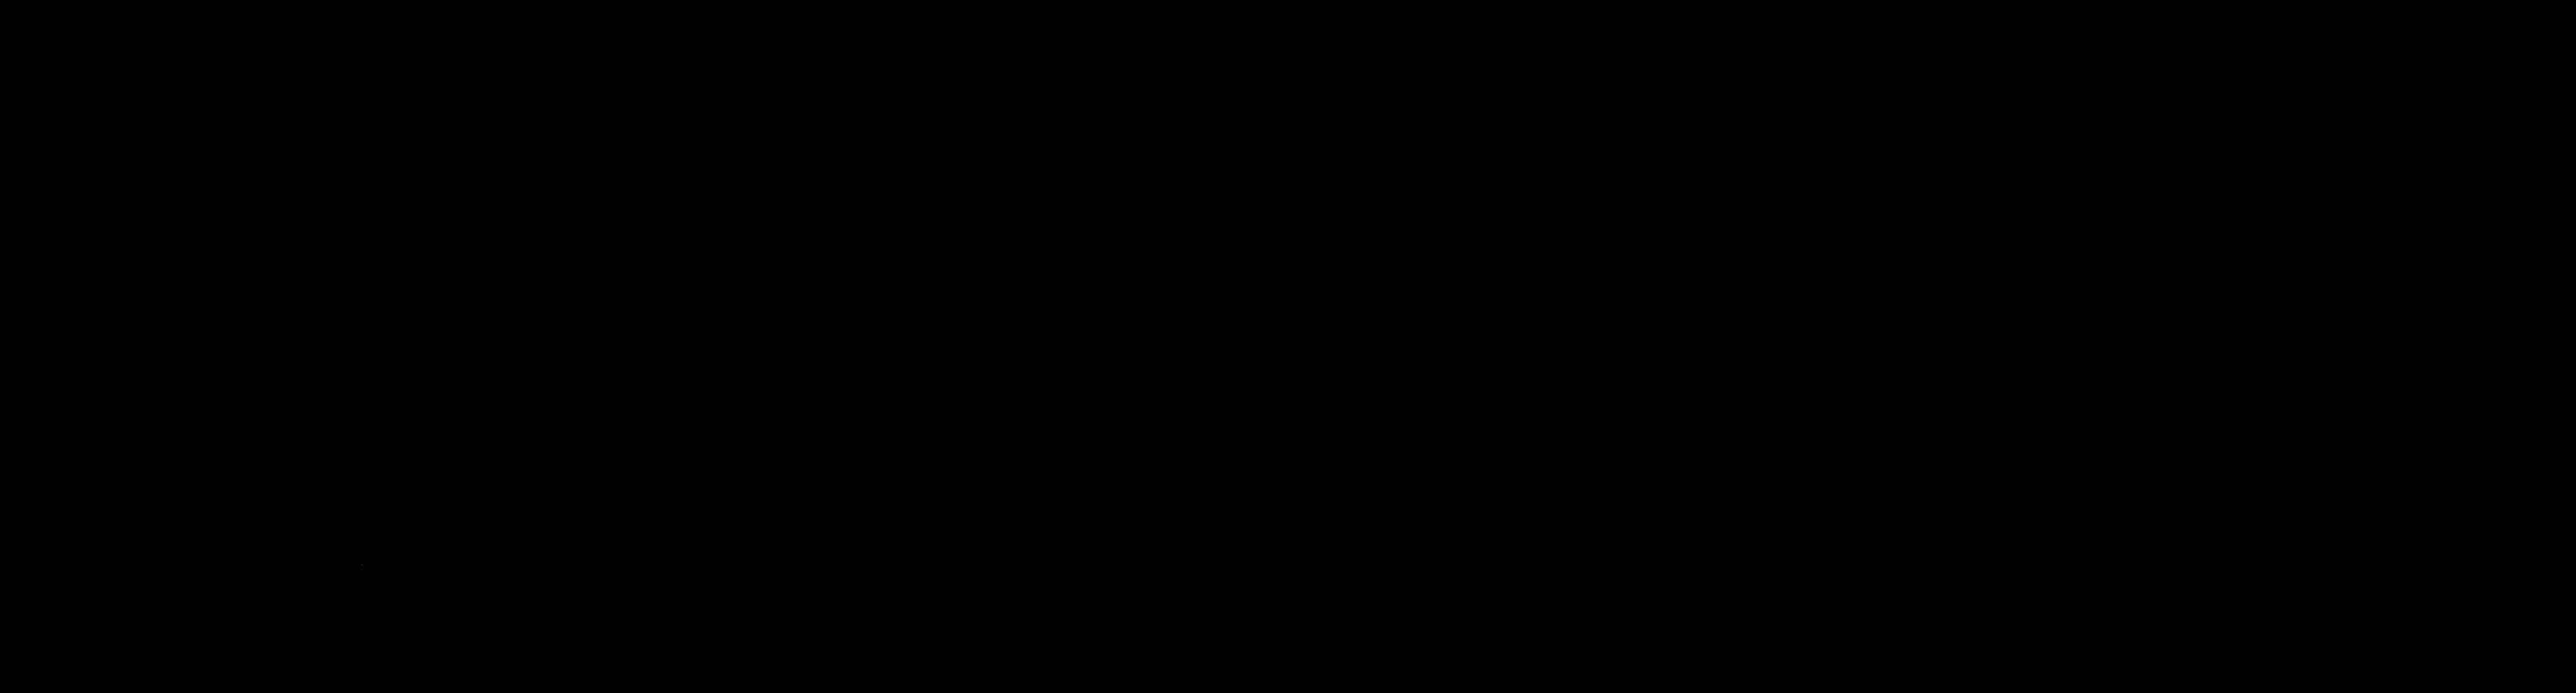 Todd Price Art logo